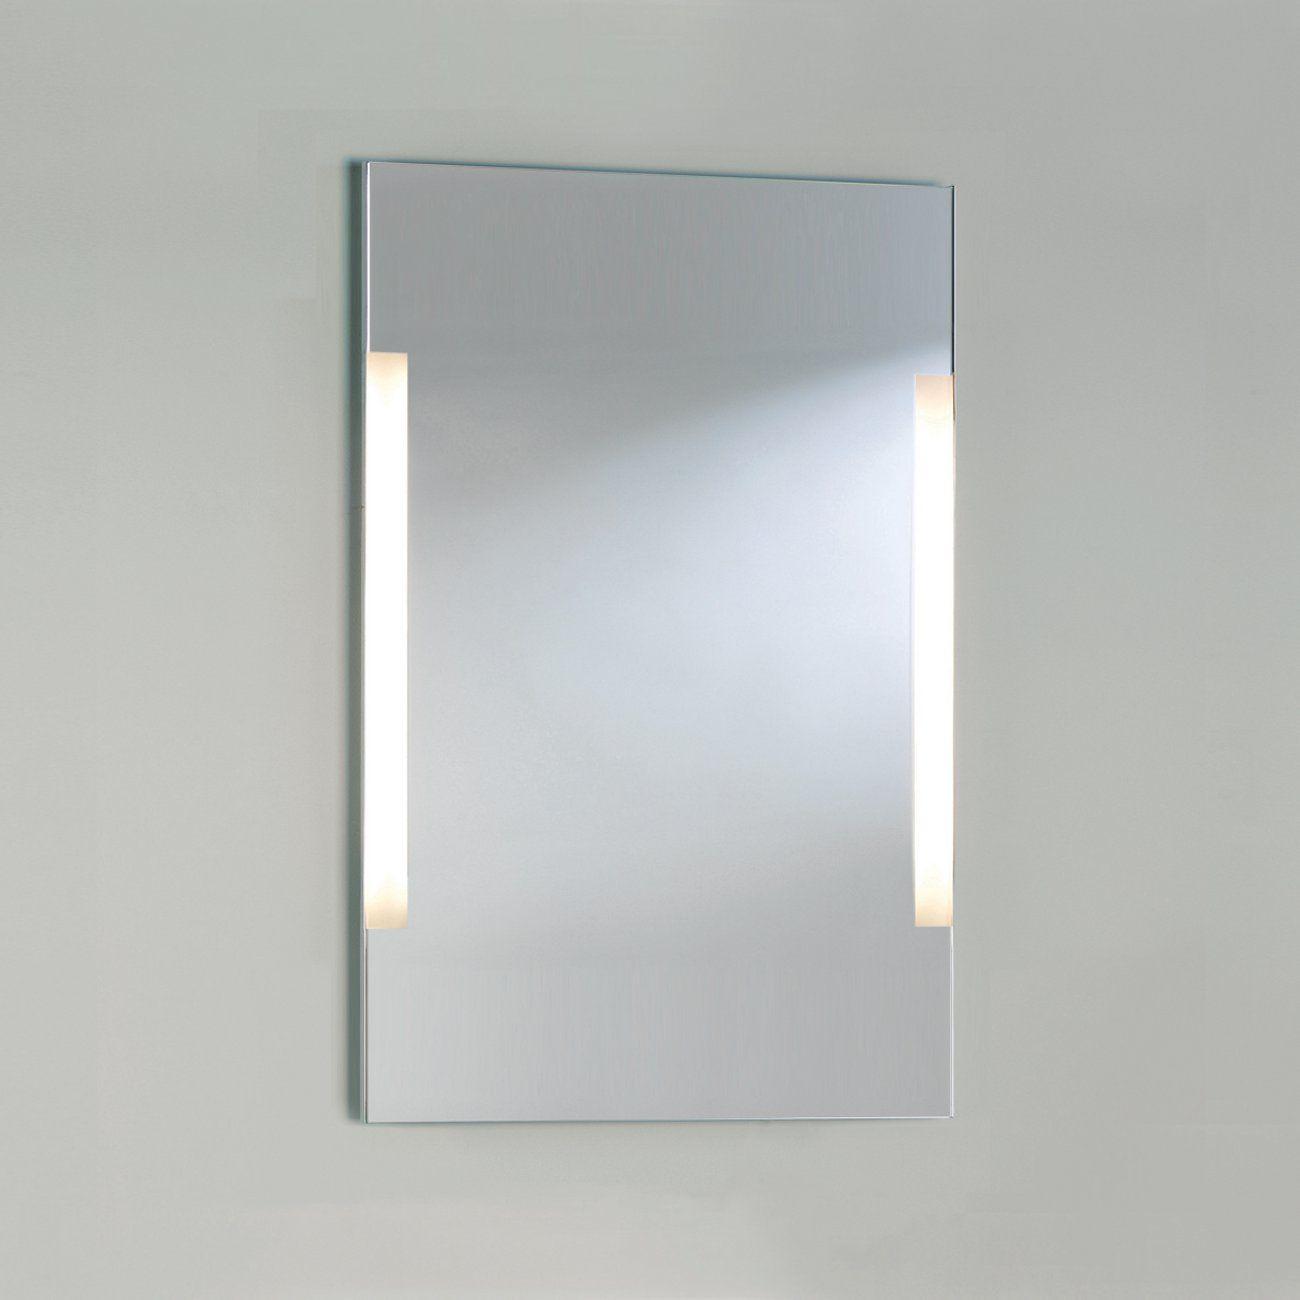 68 Prestigious Fotos Von Spiegel Mit Led Leuchten Schlafzimmer Wandspiegel Badezimmerspiegel Beleuchtung Grosser Wandspiegel